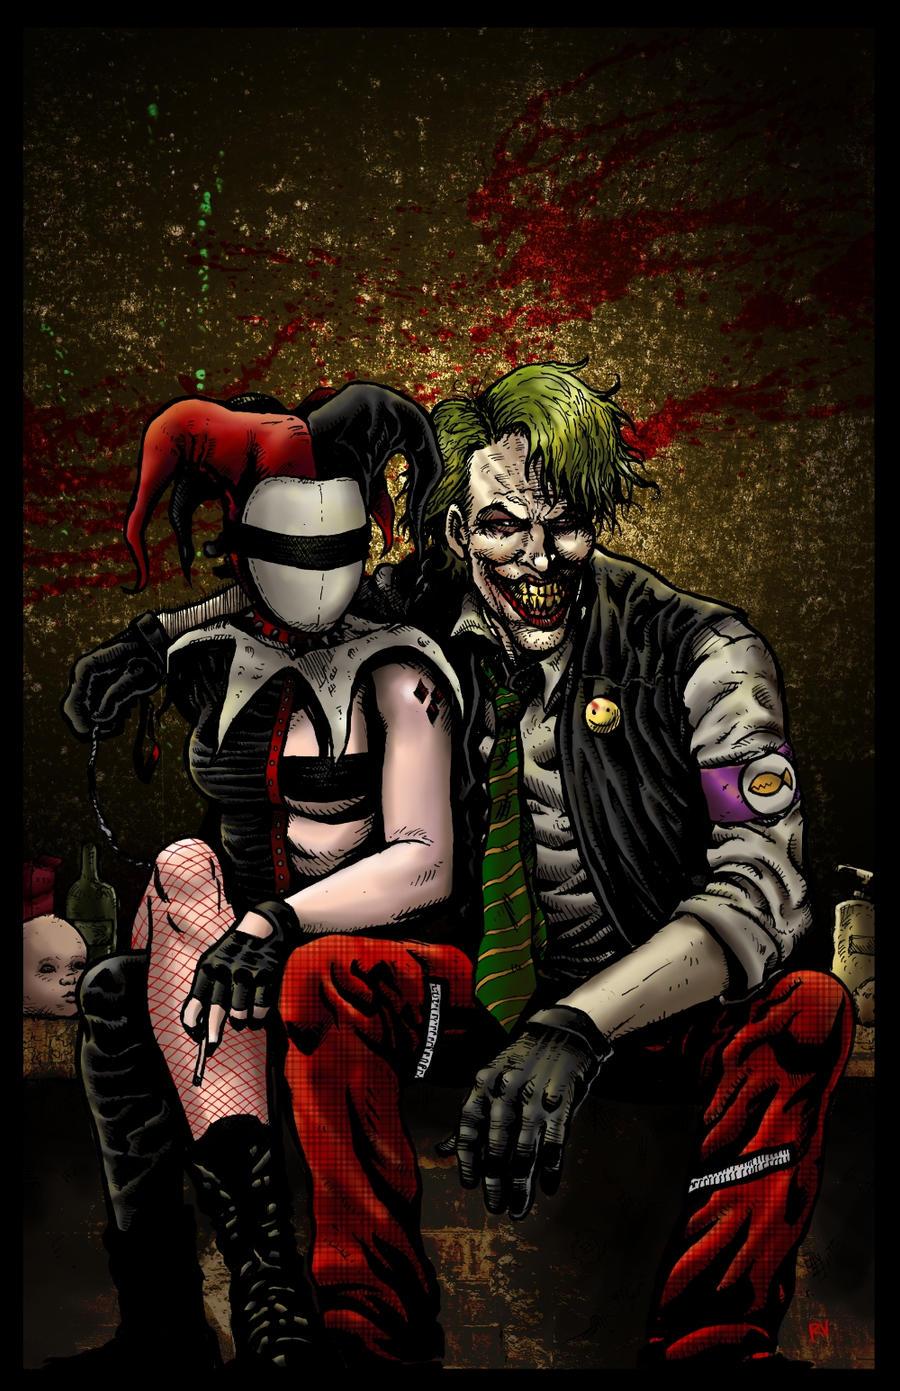 Joker and harley quinn taringa for Imagenes harley quinn